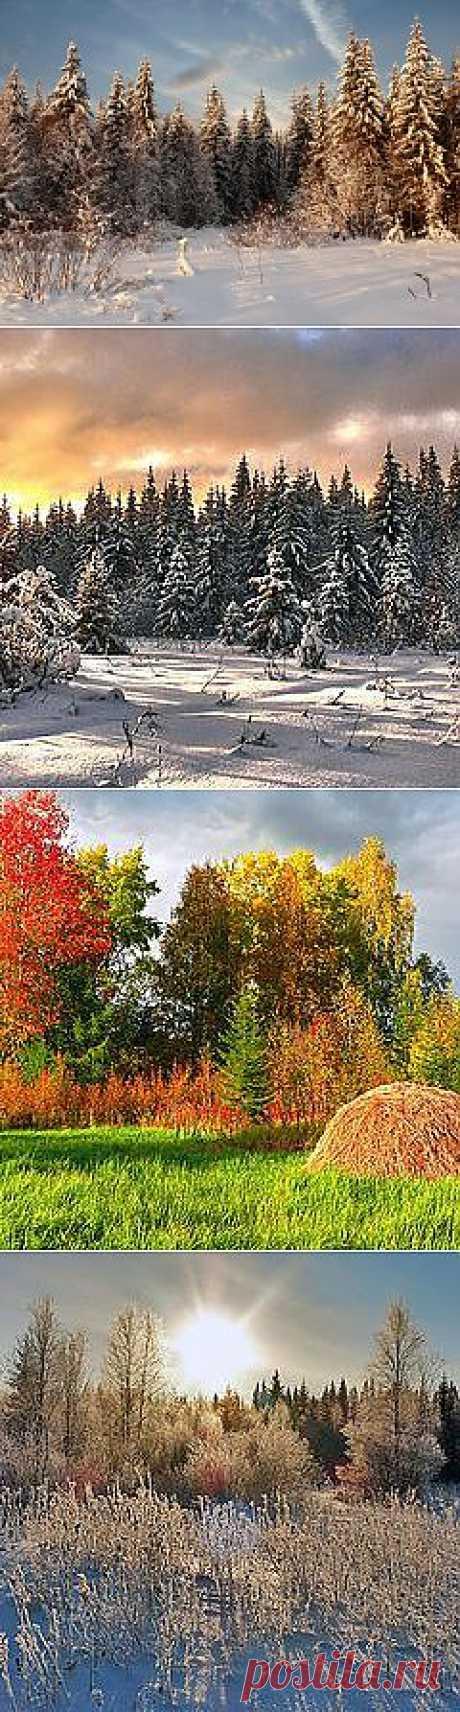 Фото солнечный день - фотограф Евгений Кошелев - пейзаж, природа - ФотоФорум.ру